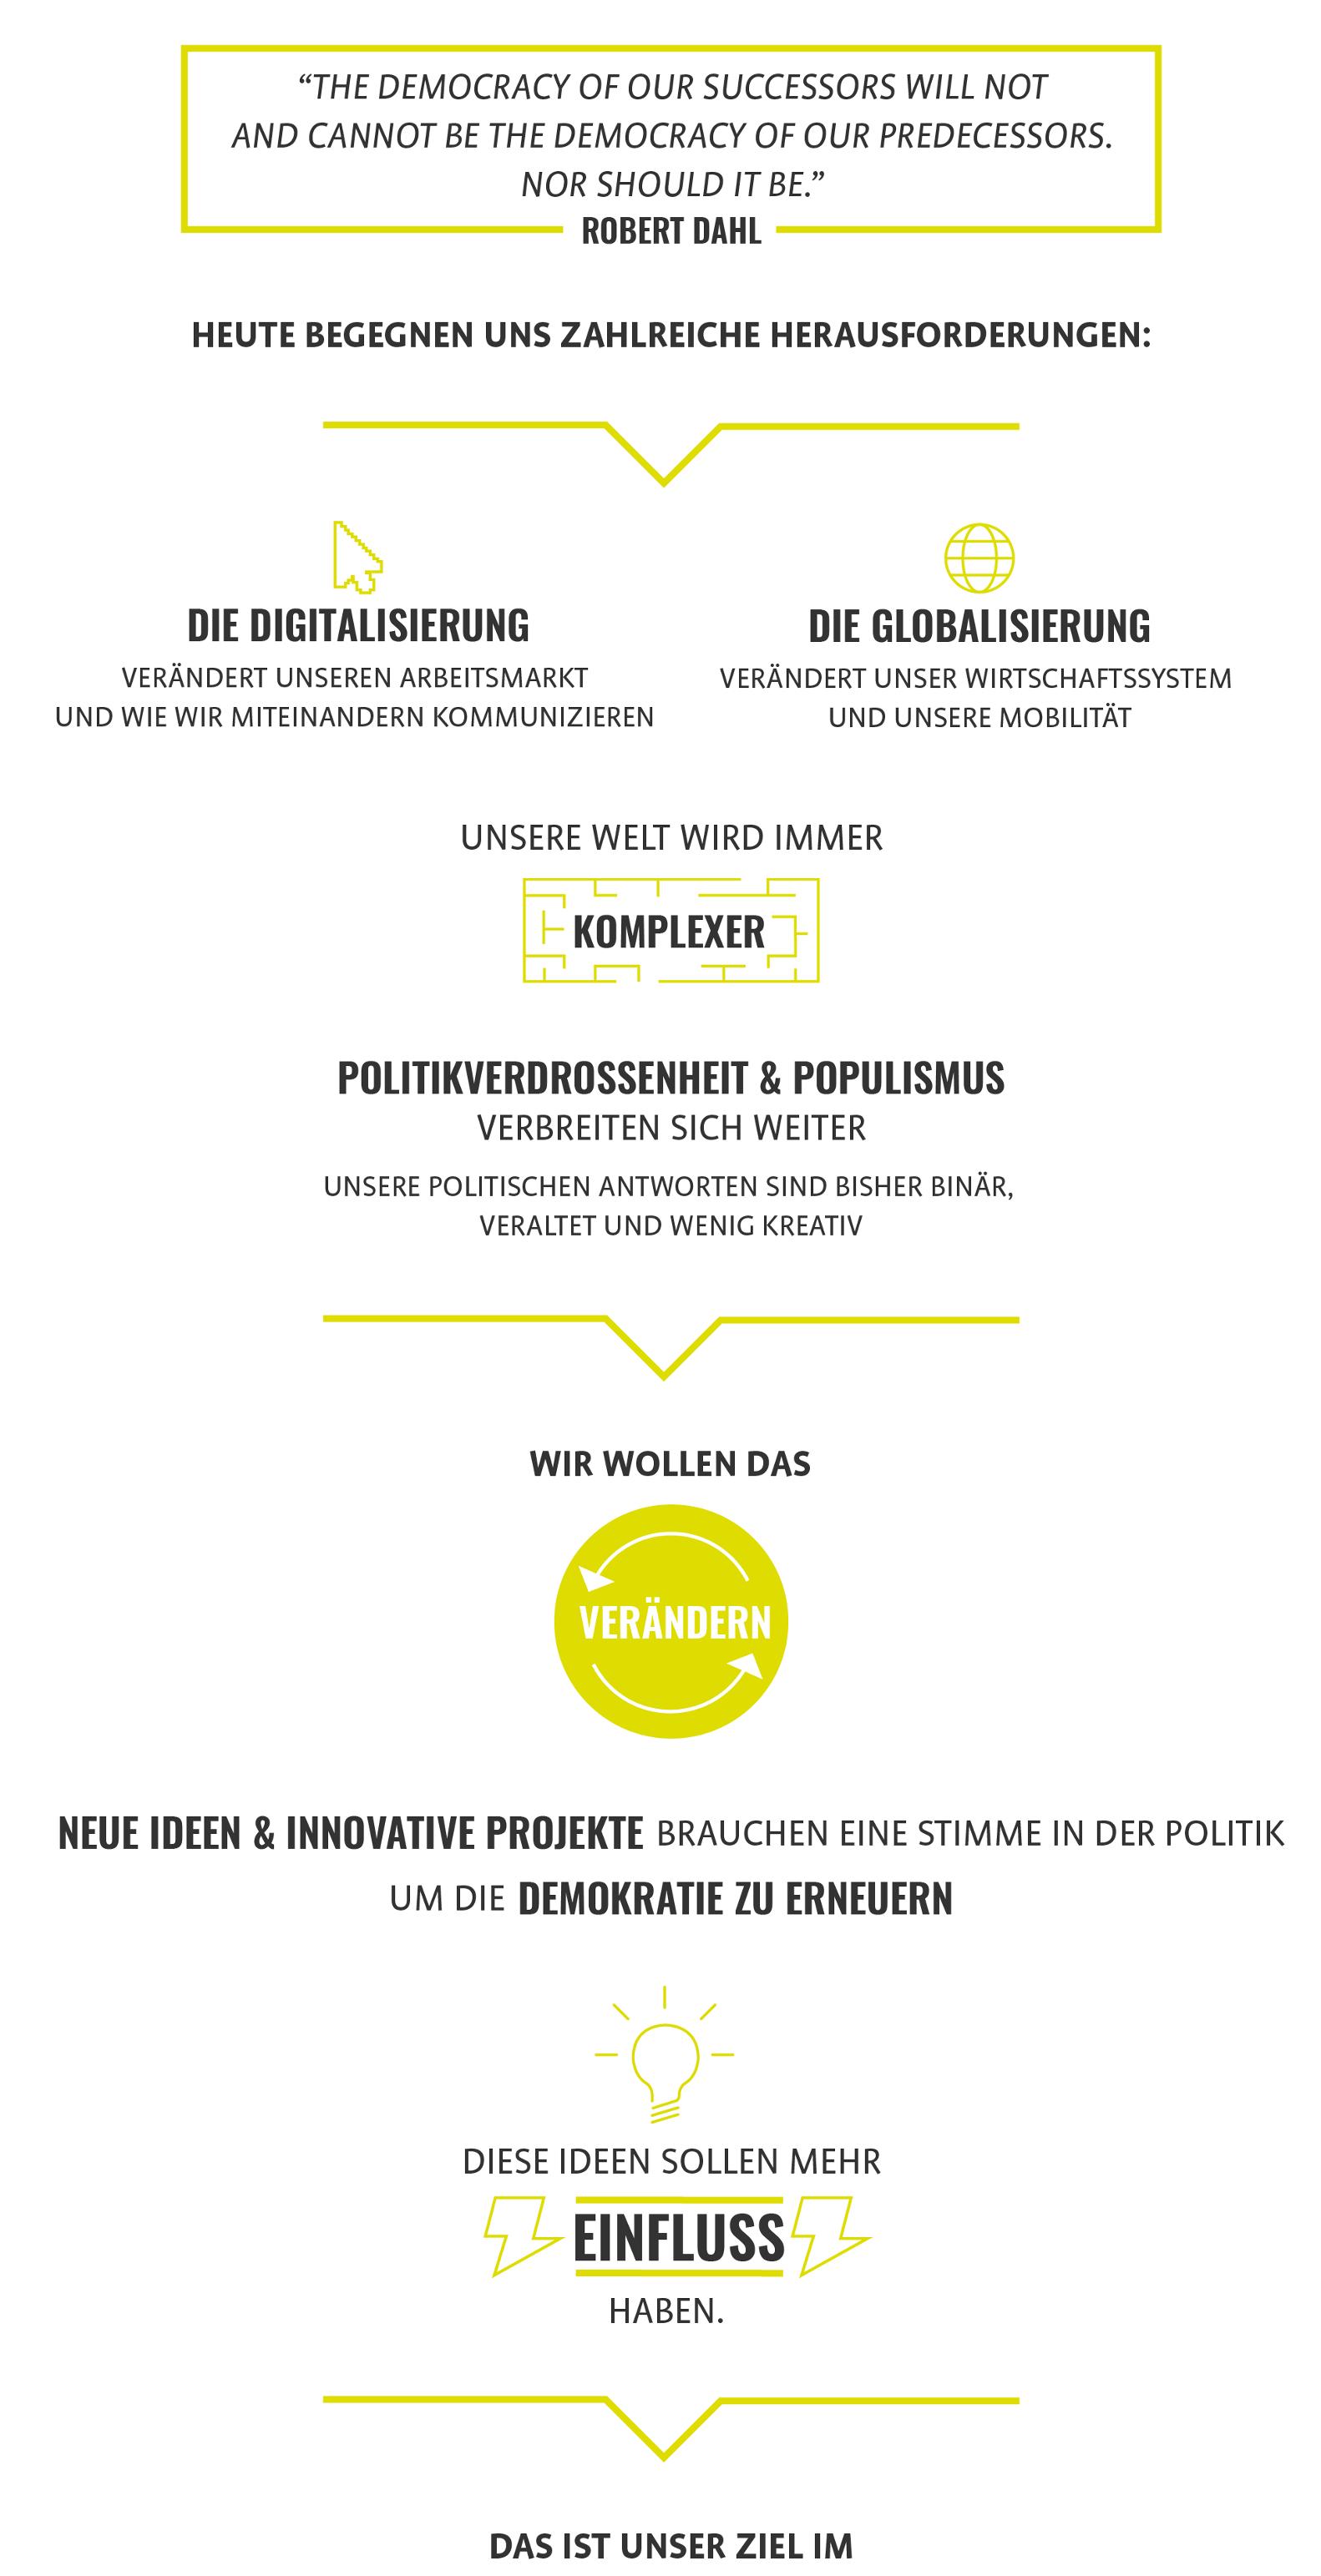 Das Democracy Lab ist die Plattform für demokratische Innovation des Think-Tanks Das Progressive Zentrum in Berlin. Wir arbeiten an der Zukunft der Demokratie und entwickeln dafür Ideen/Projekte zu Strukturen, Prozessen und Denkmustern.